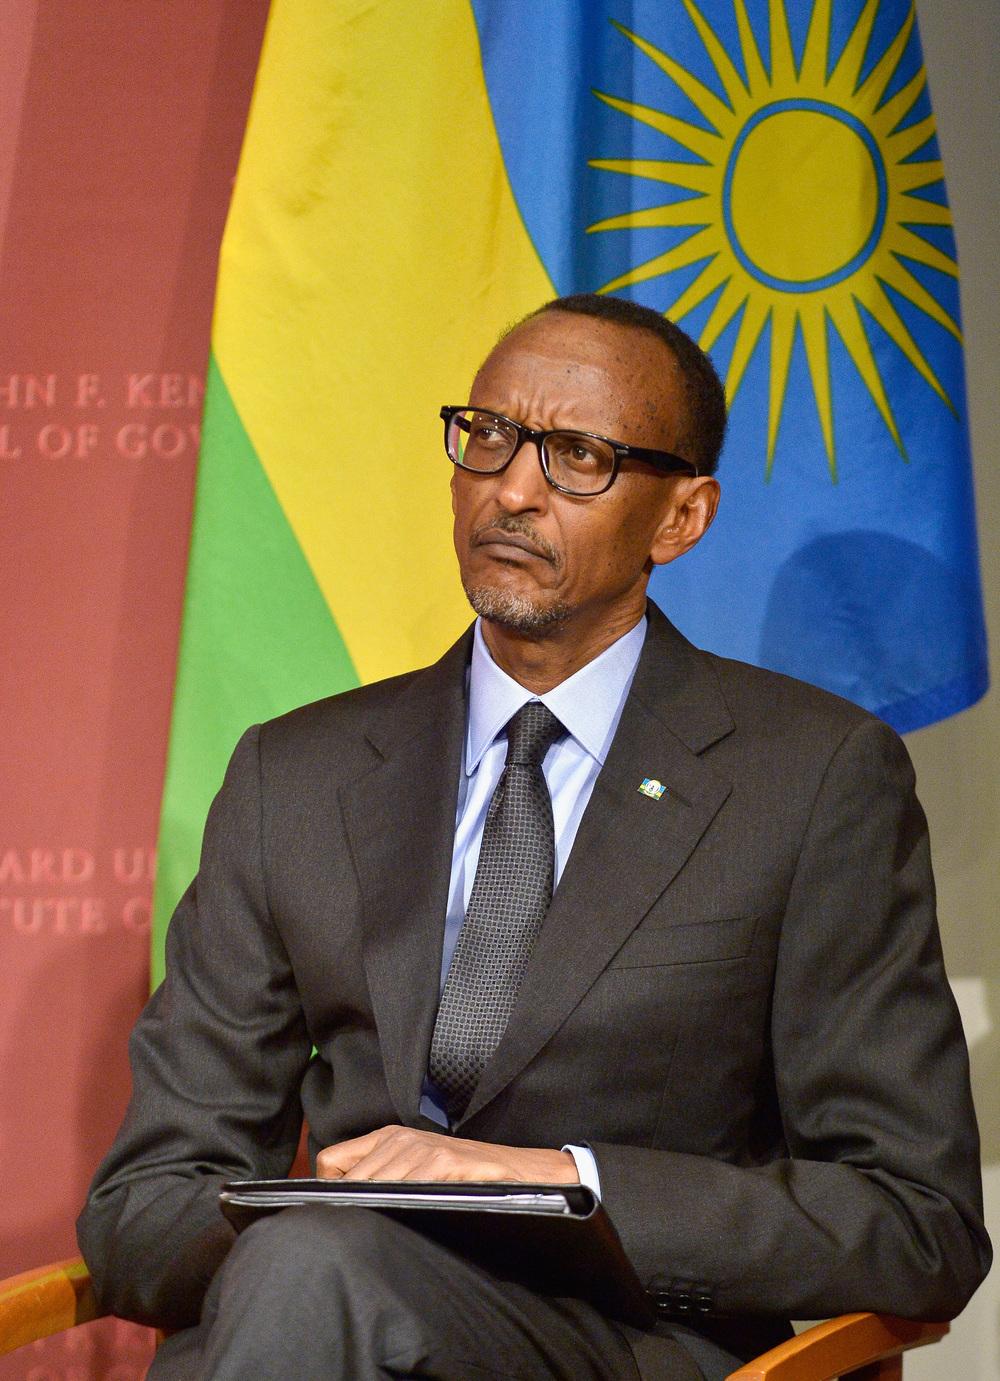 Rwandan President Paul Kagame at Harvard